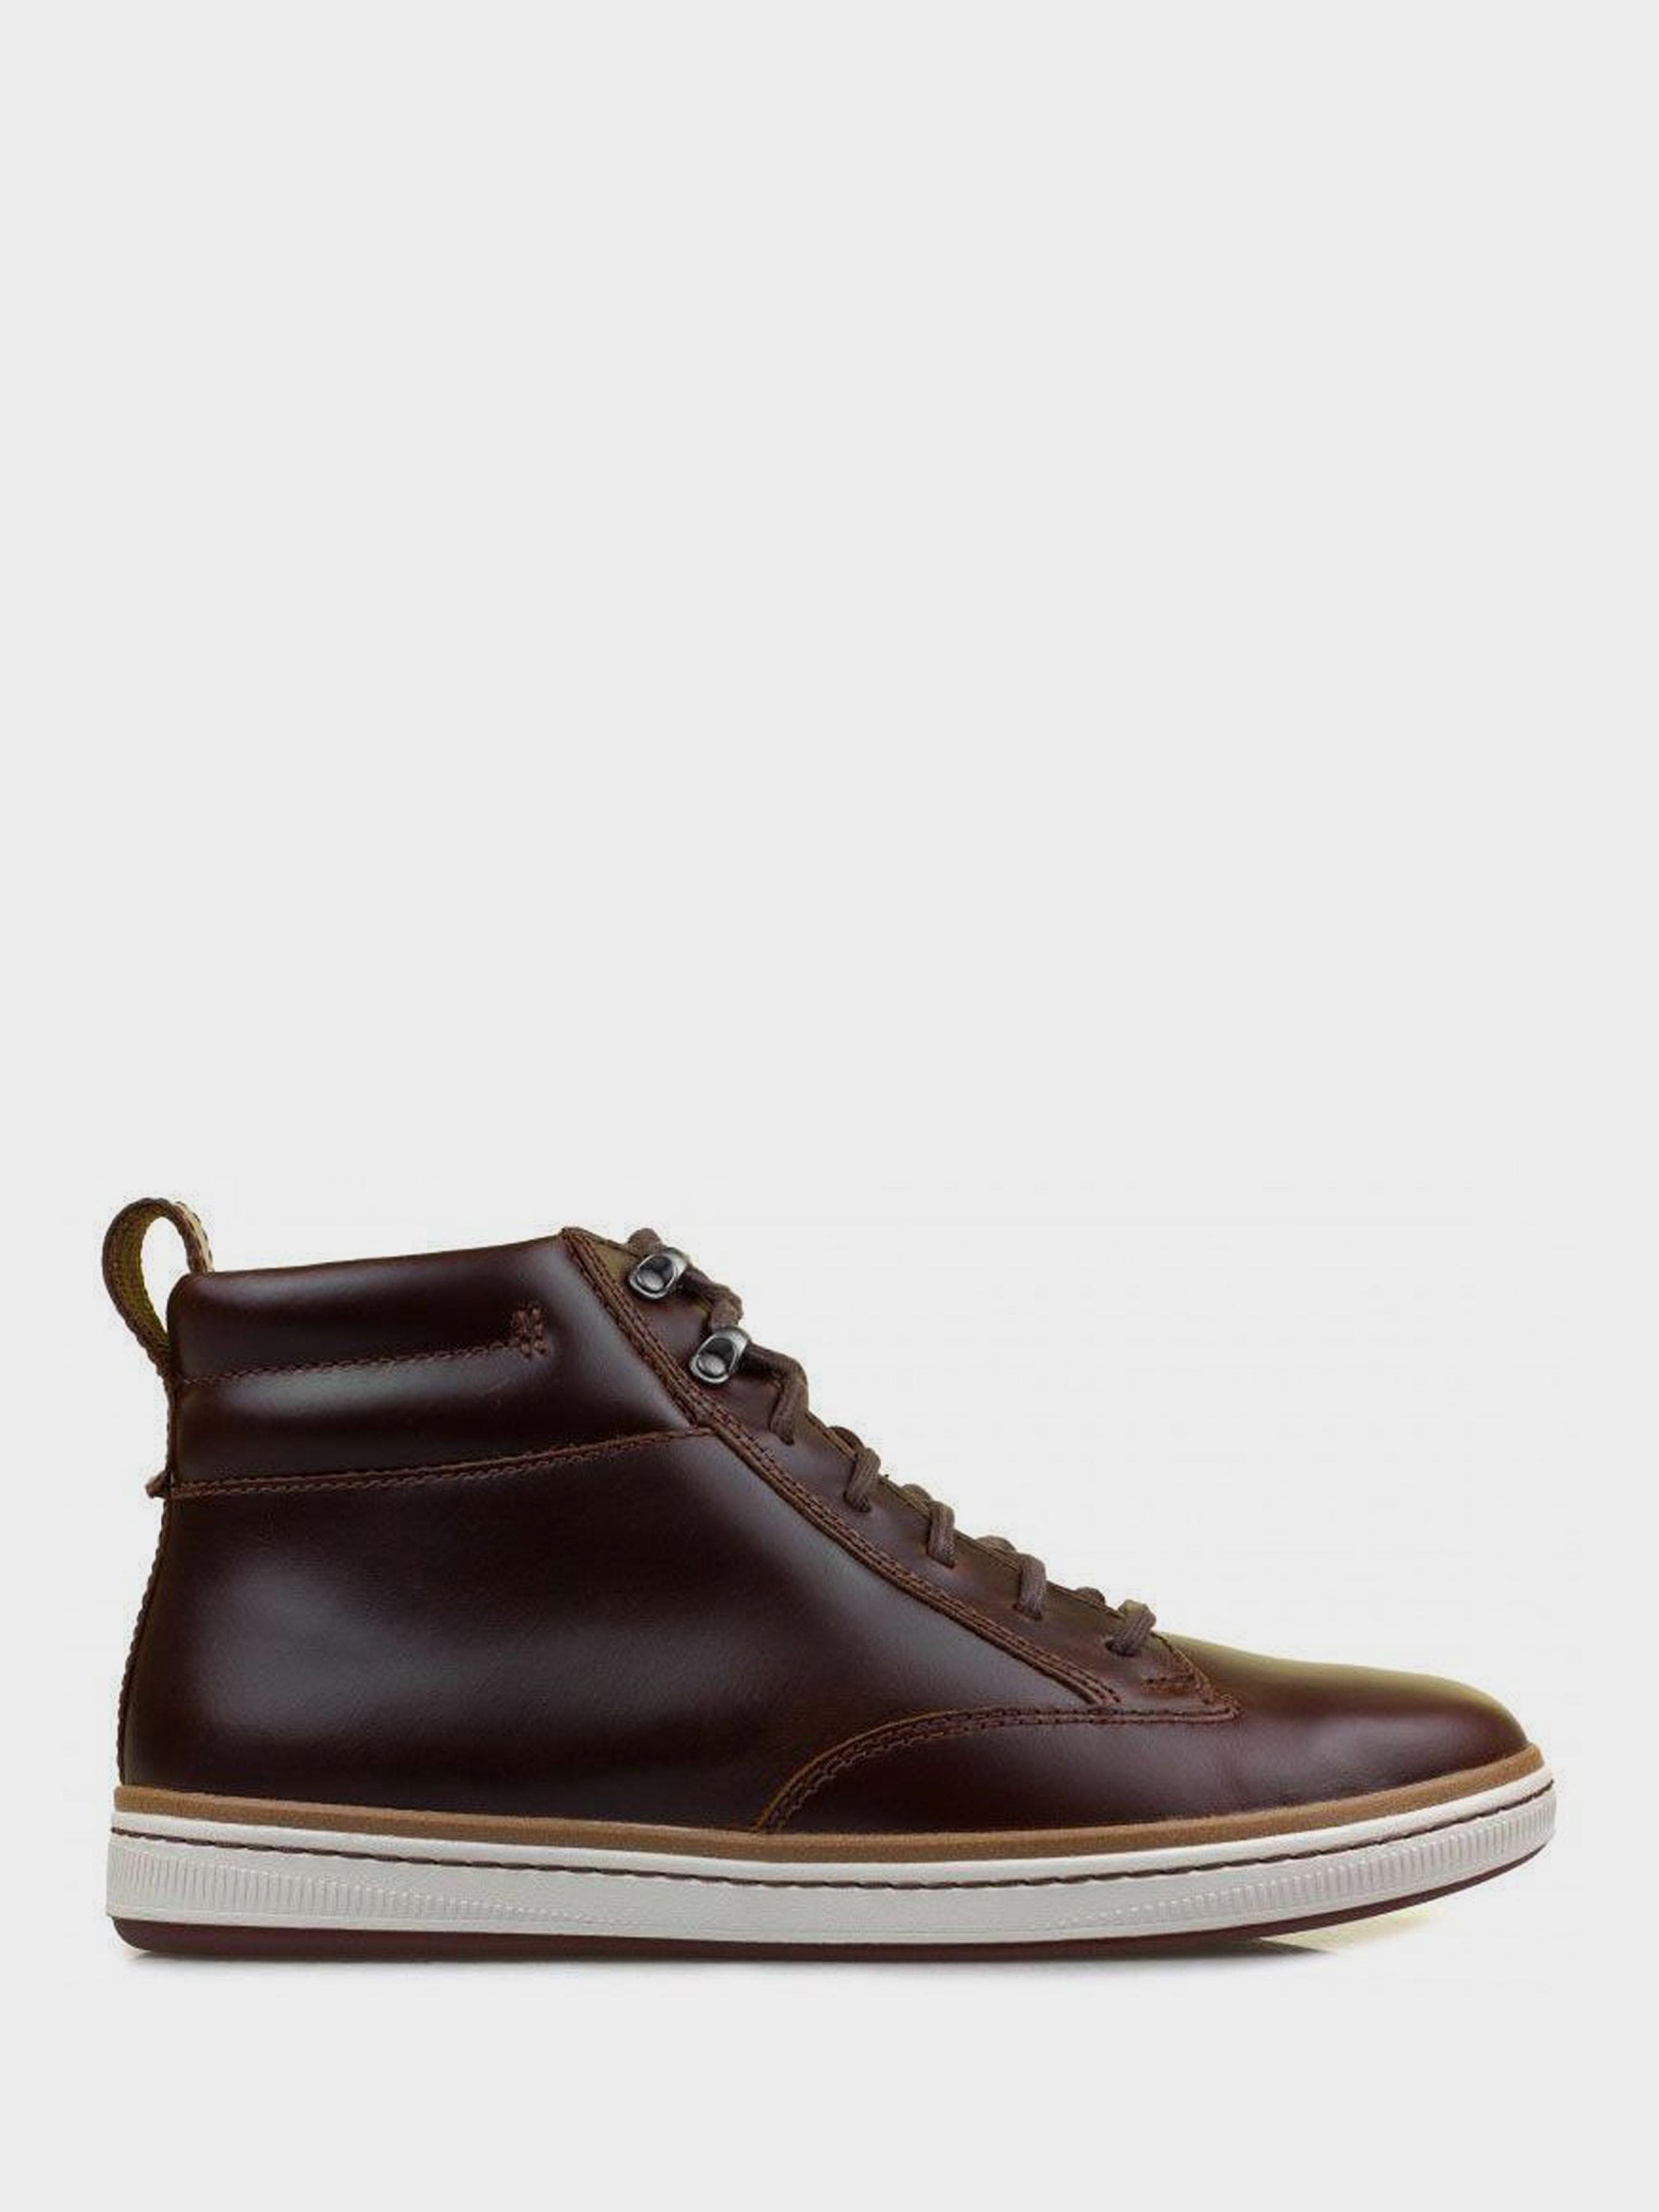 Купить Ботинки мужские Clarks Norsen Mid OM2786, Коричневый